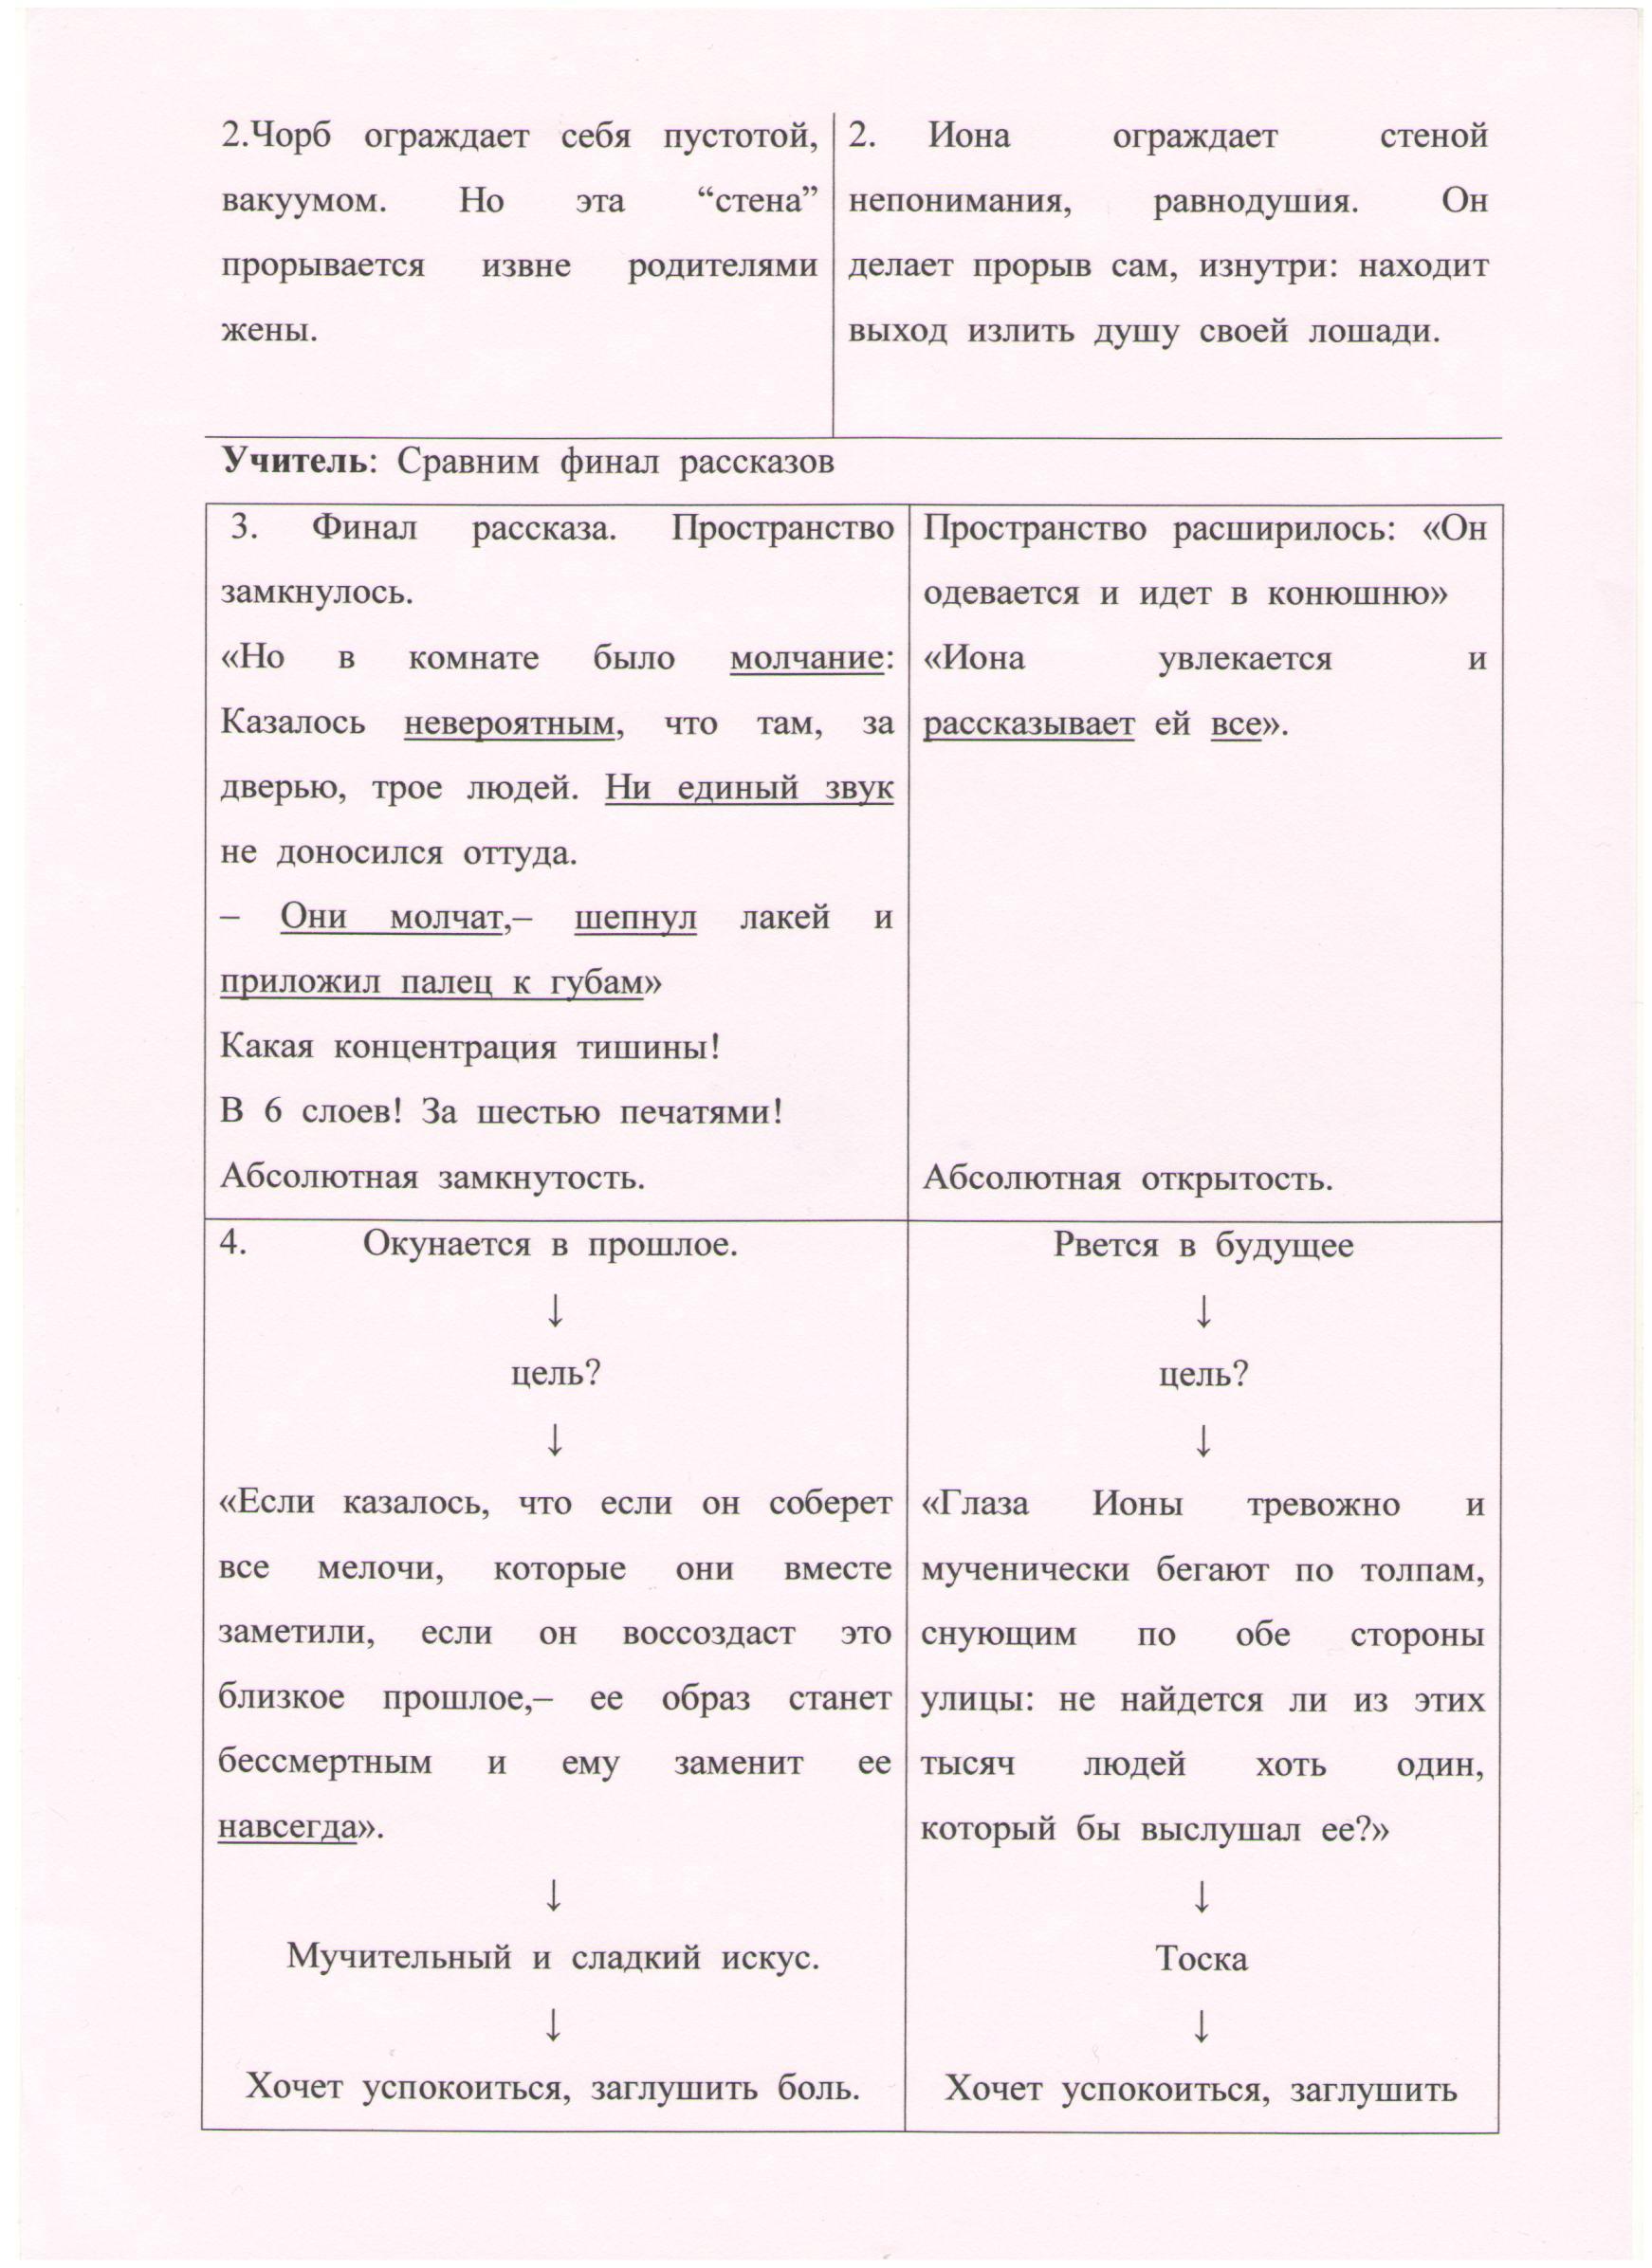 C:\Documents and Settings\Учитель\Рабочий стол\Новая папка\Работа Светы 32.jpg